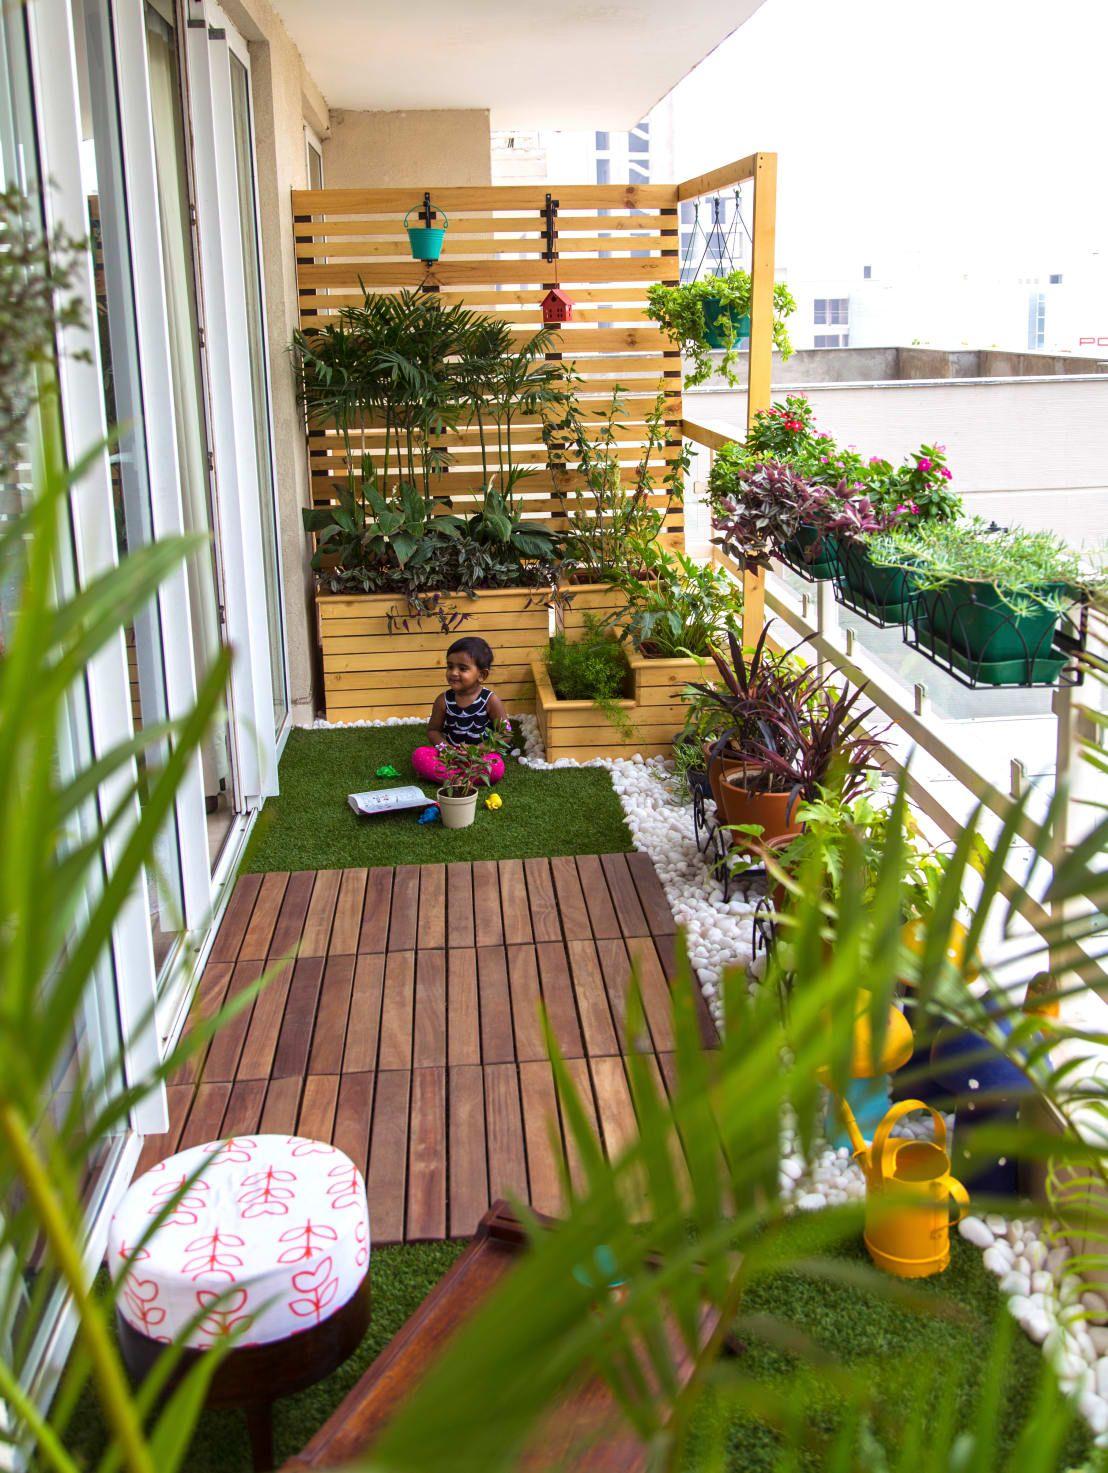 15 Smart Balcony Garden Ideas That Are Awesome Apartment Balcony Garden Small Balcony Garden Apartment Garden